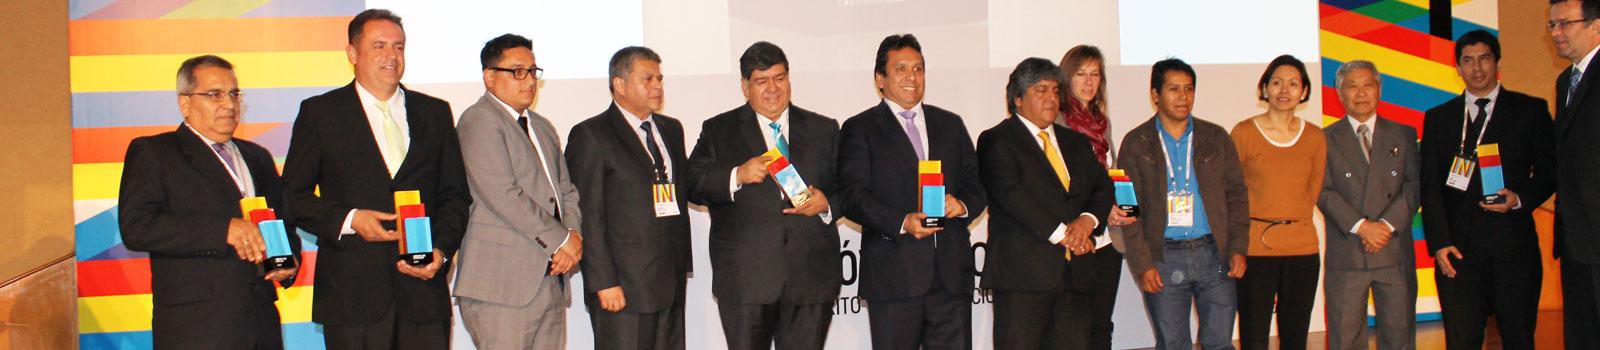 """Conozca a los ganadores del premio """"Innóvate 2015: Mérito a la Innovación"""" [VIDEO]"""